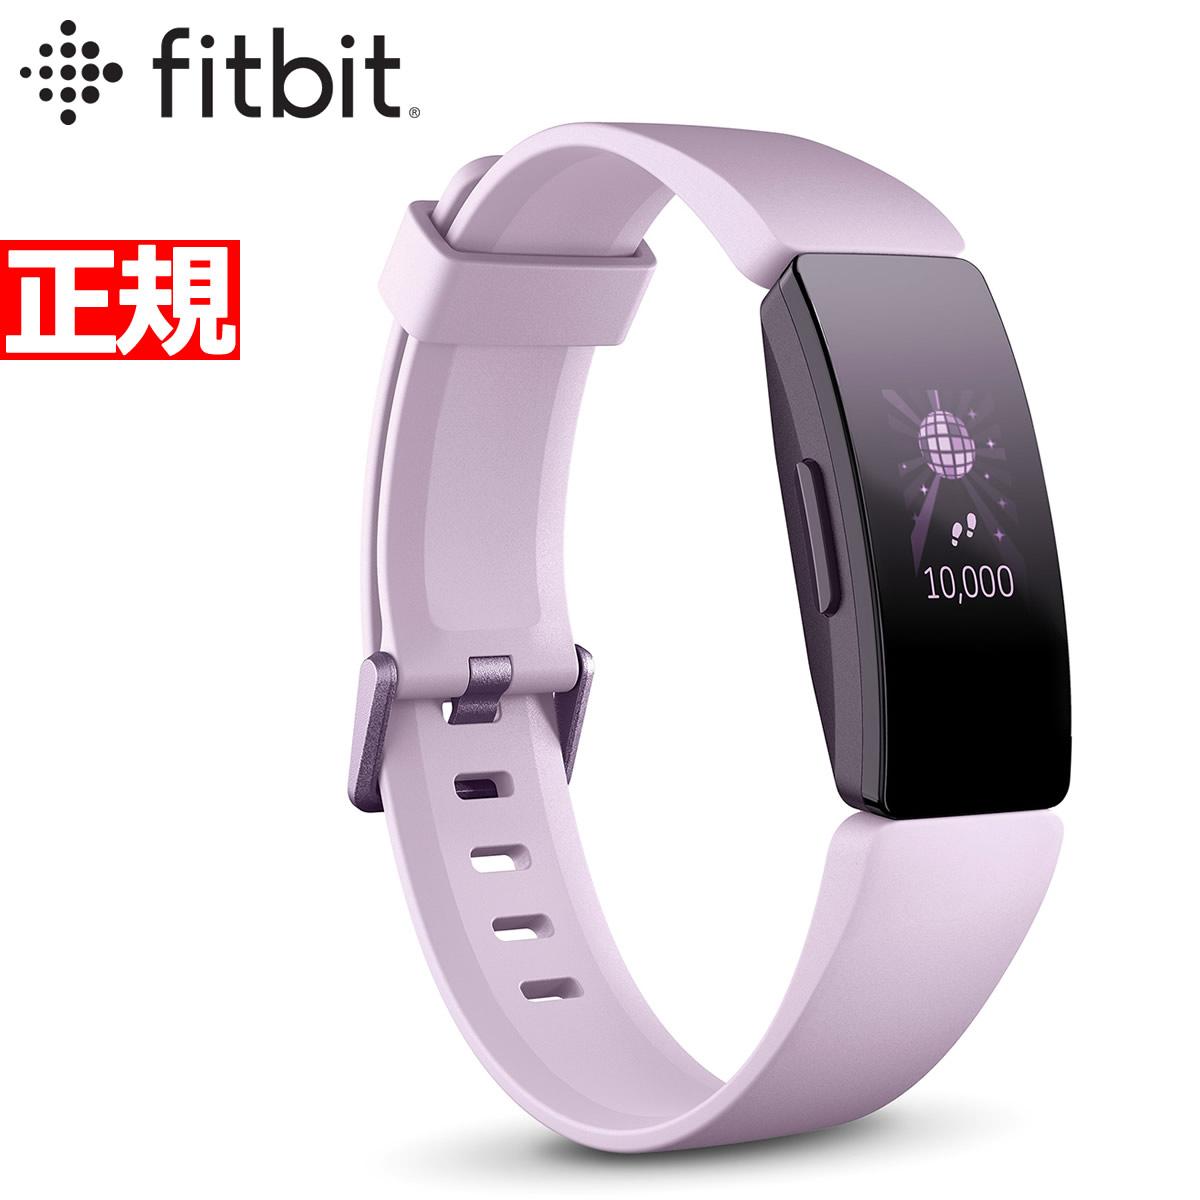 明日0時からはニールがお得♪ 最大2000円OFFクーポン付 L/Sサイズ! 腕時計 26日9時59分まで!Fitbit トラッカー フィットビット Inspire HR インスパイアHR フィットネス トラッカー ウェアラブル端末 腕時計 L/Sサイズ ライラック FB413LVLV-FRCJK【2019 新作】, 中古PCとハイブリッドPCのOA-PLAZA:50c17dfa --- sunward.msk.ru